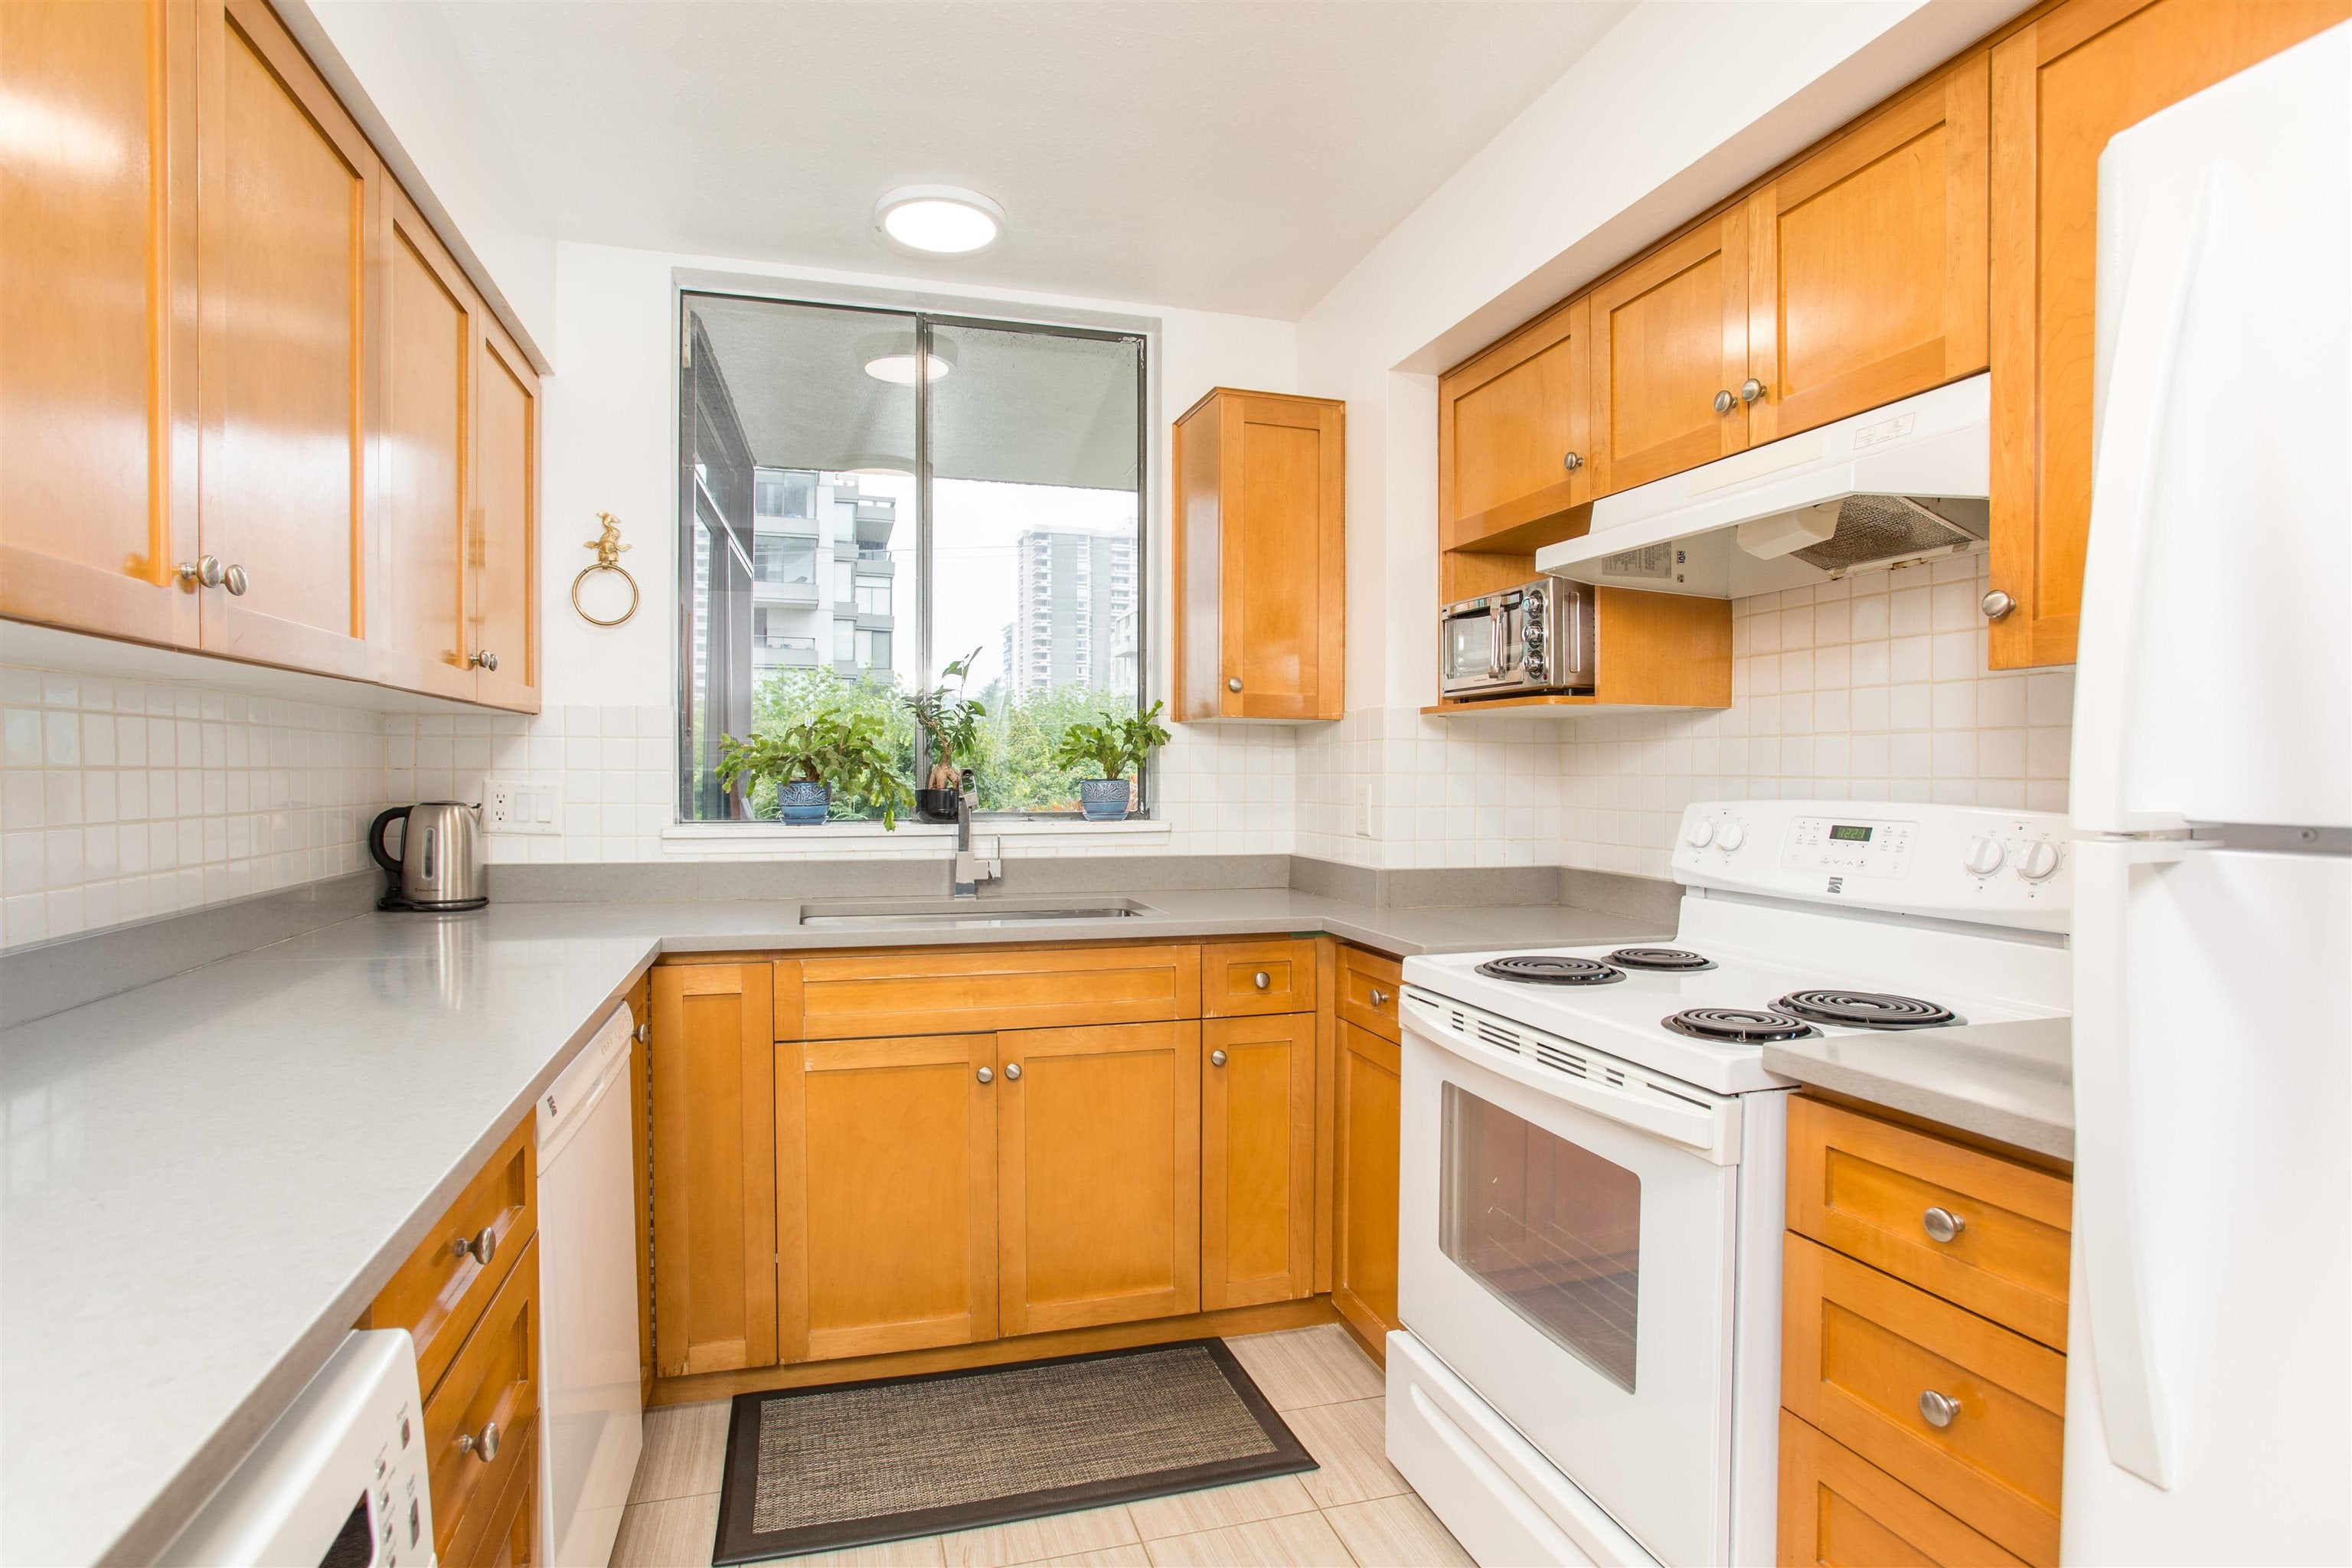 203 1390 DUCHESS AVENUE - Ambleside Apartment/Condo for sale, 1 Bedroom (R2611618) - #13